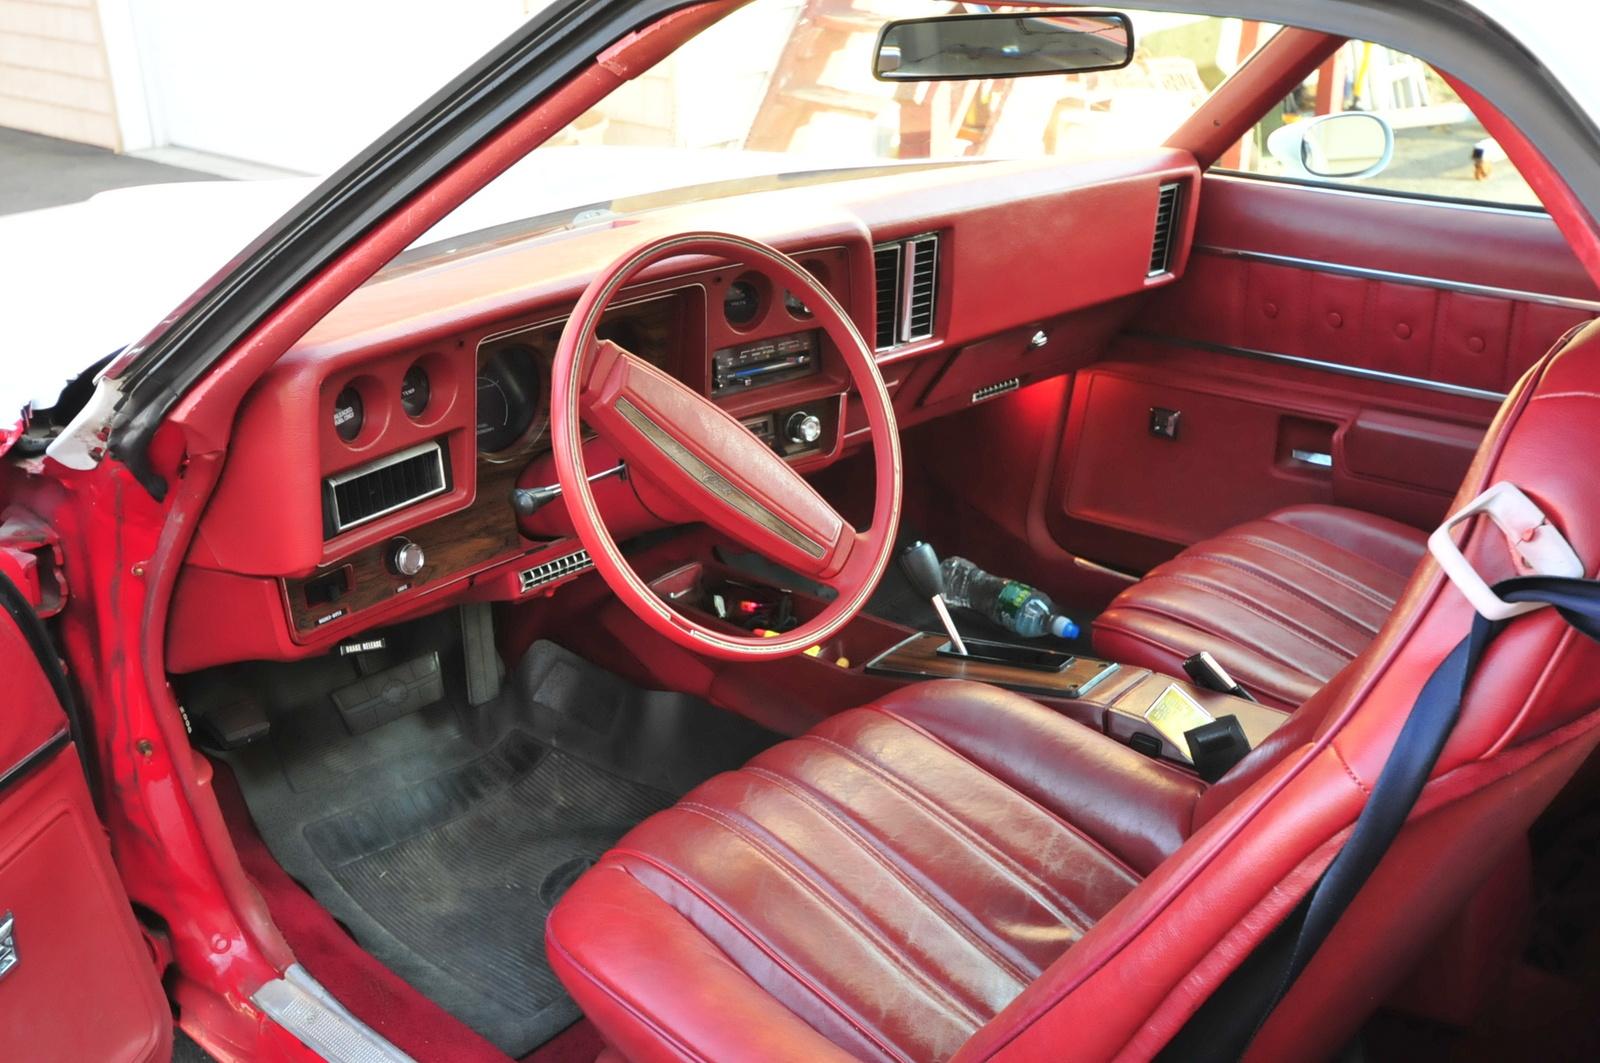 1977 Chevrolet El Camino Interior Pictures Cargurus